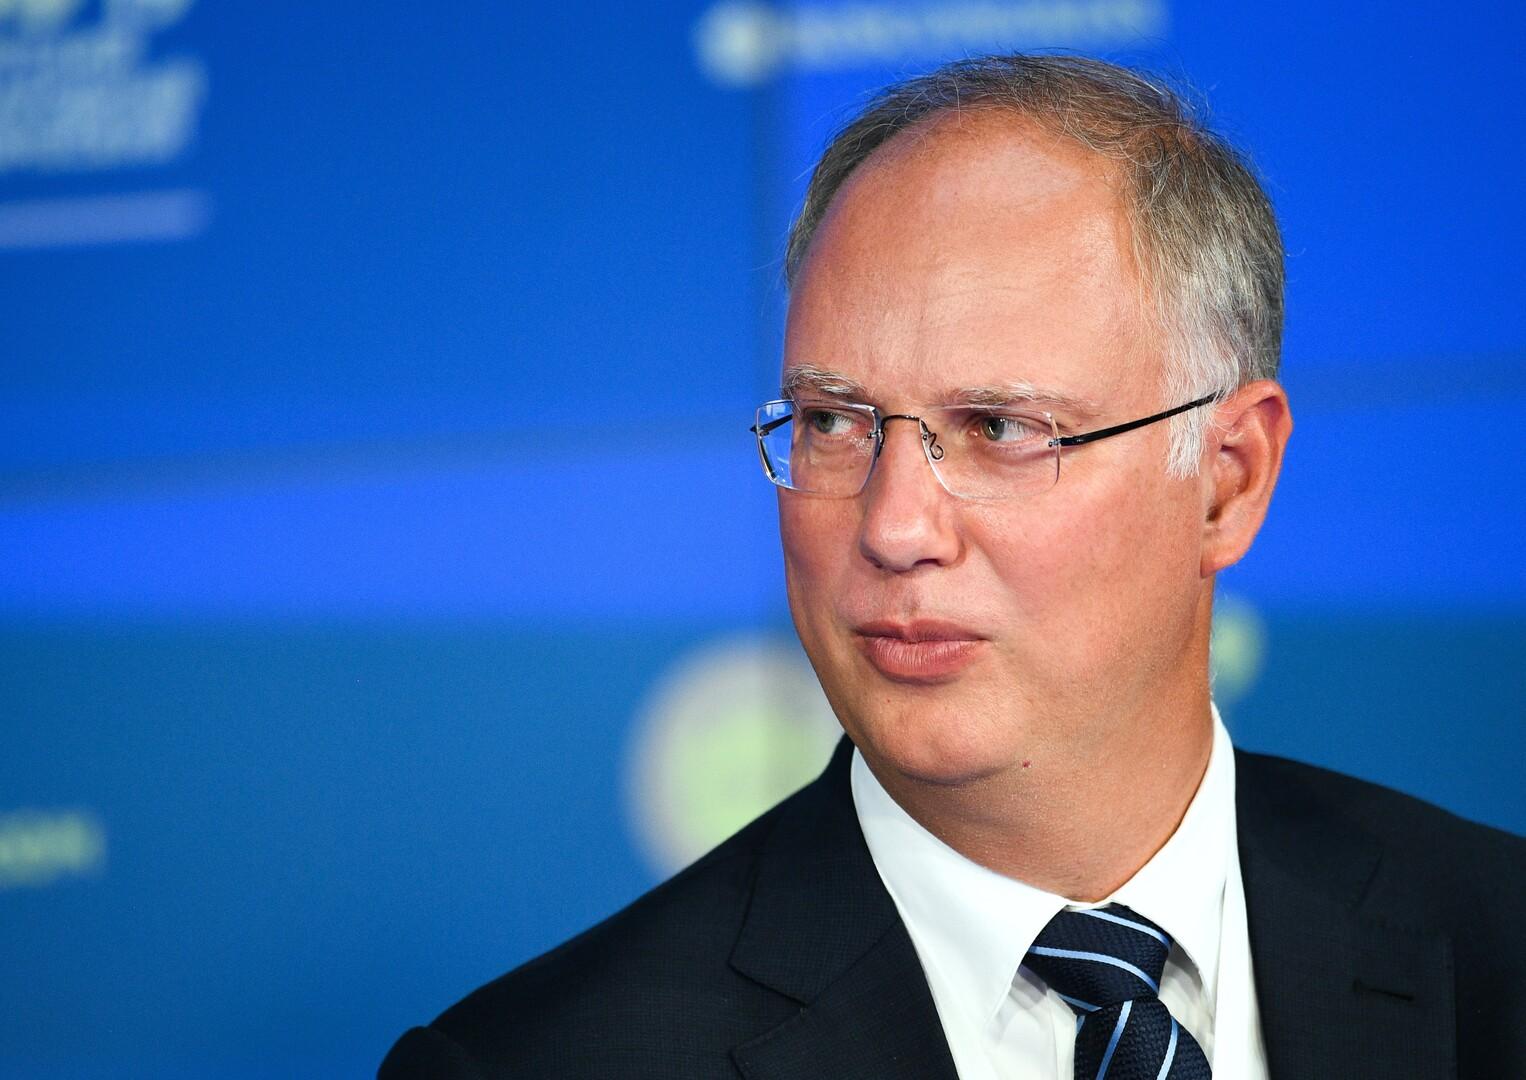 المدير العام للصندوق الروسي للاستثمارات المباشرة كيريل دميترييف